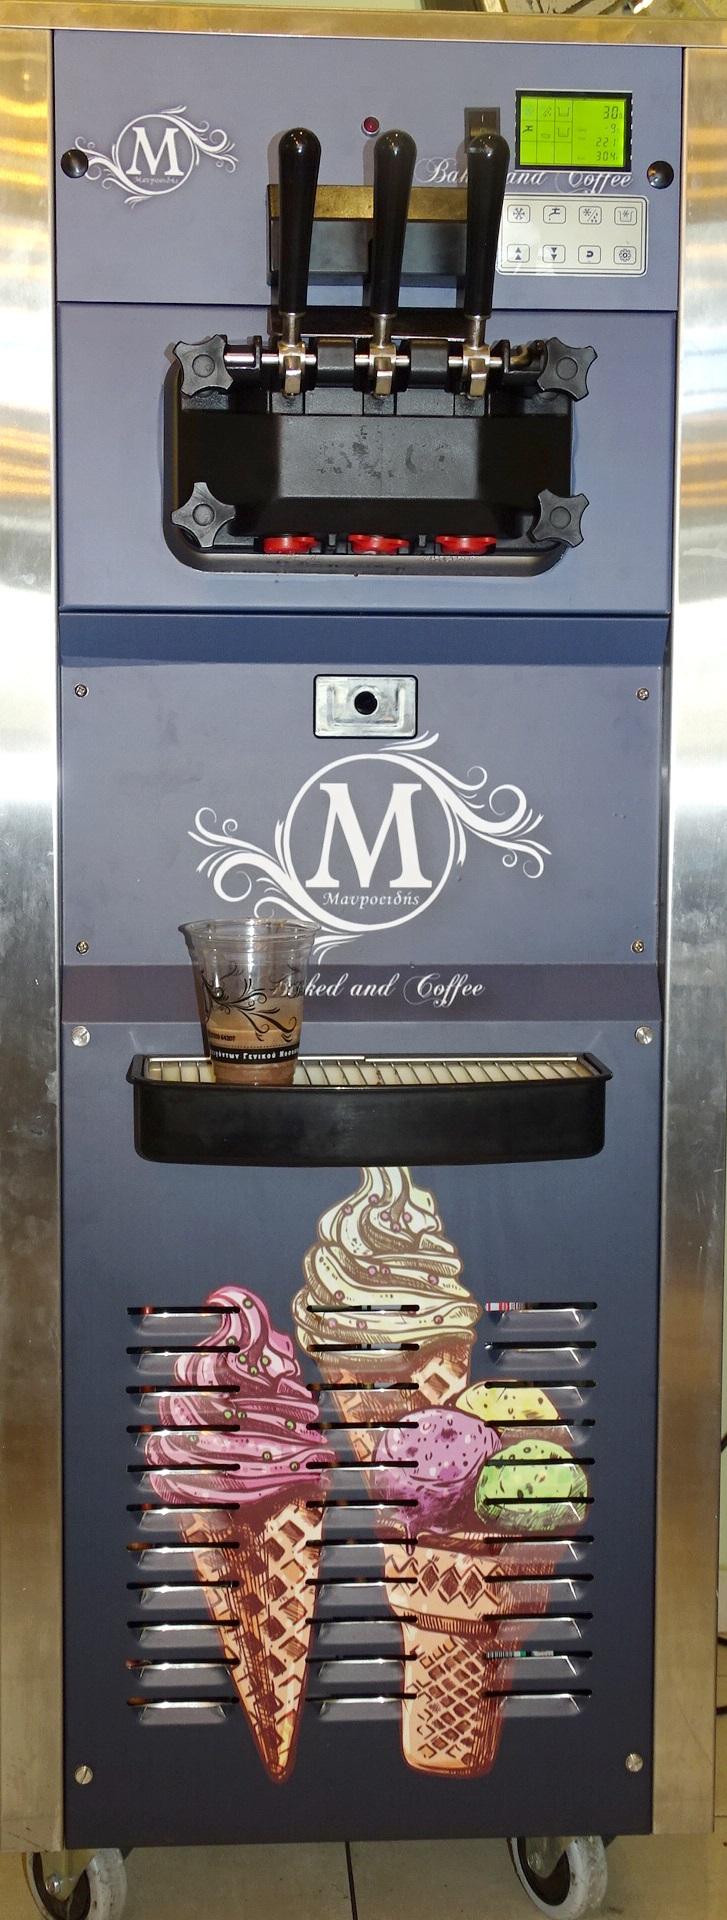 Καφέ Μαυροειδής: Την καλύτερη εποχή του χρόνου την κάνει ακόμα καλύτερη με παγωτό μηχανής 2